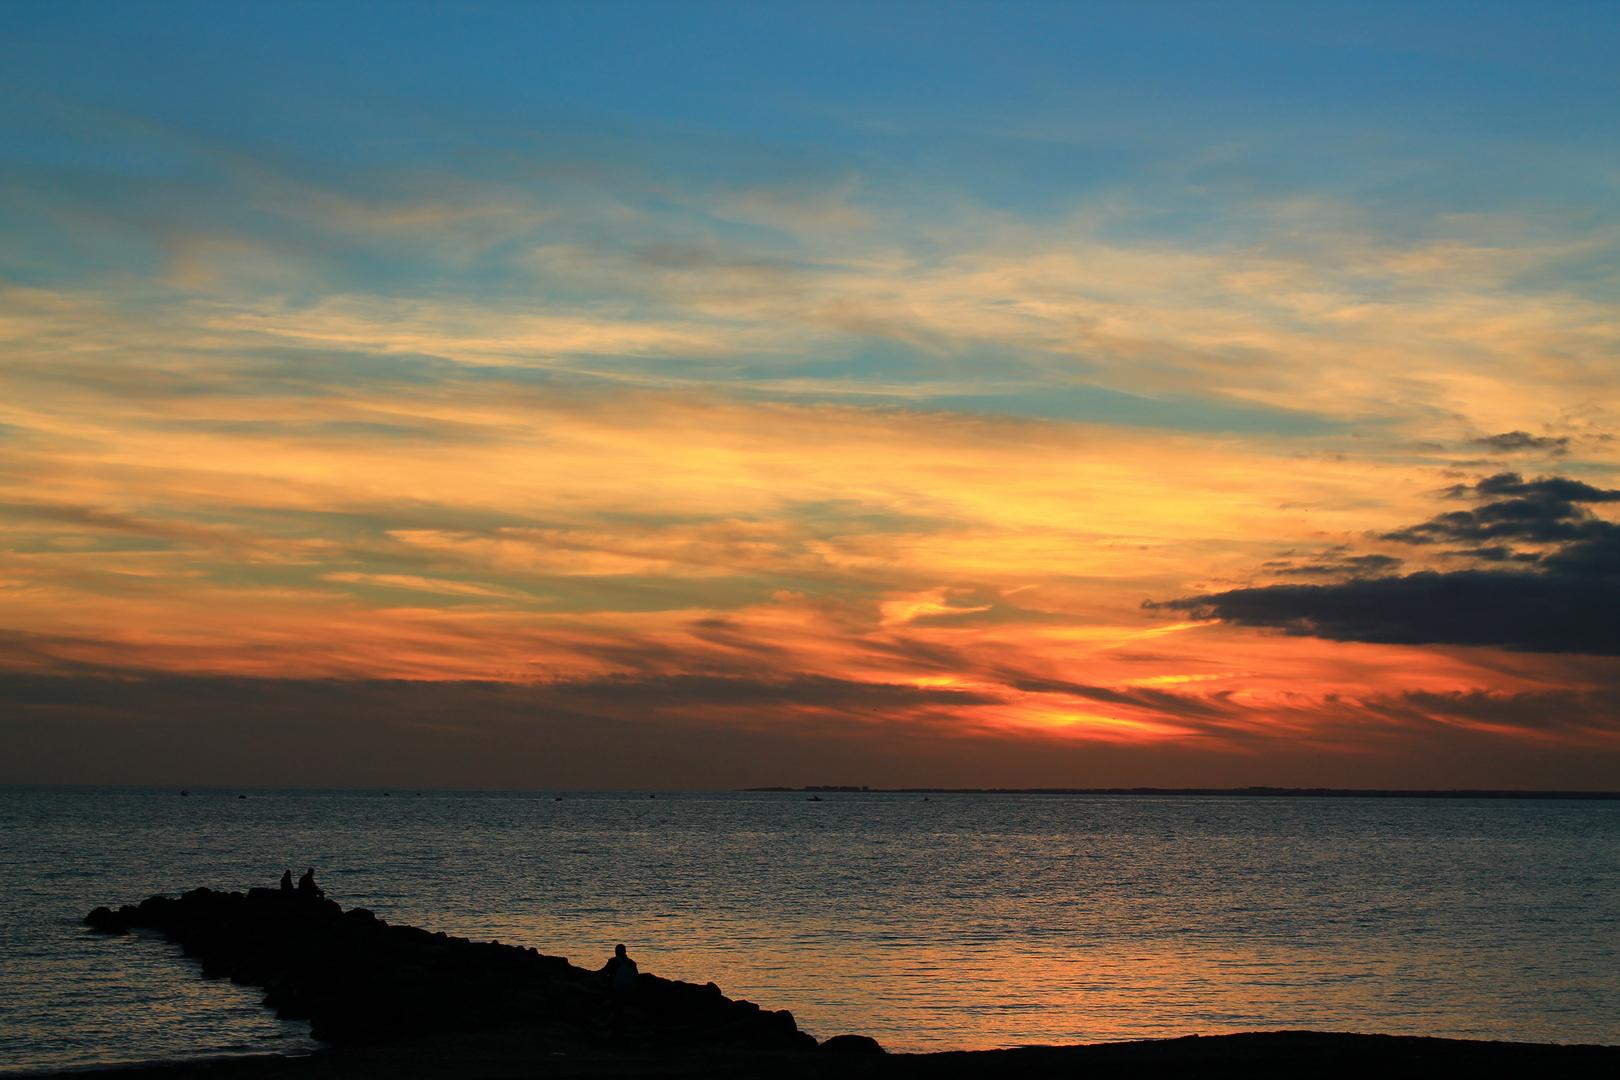 donde el sol pasa el invierno,,,almeria